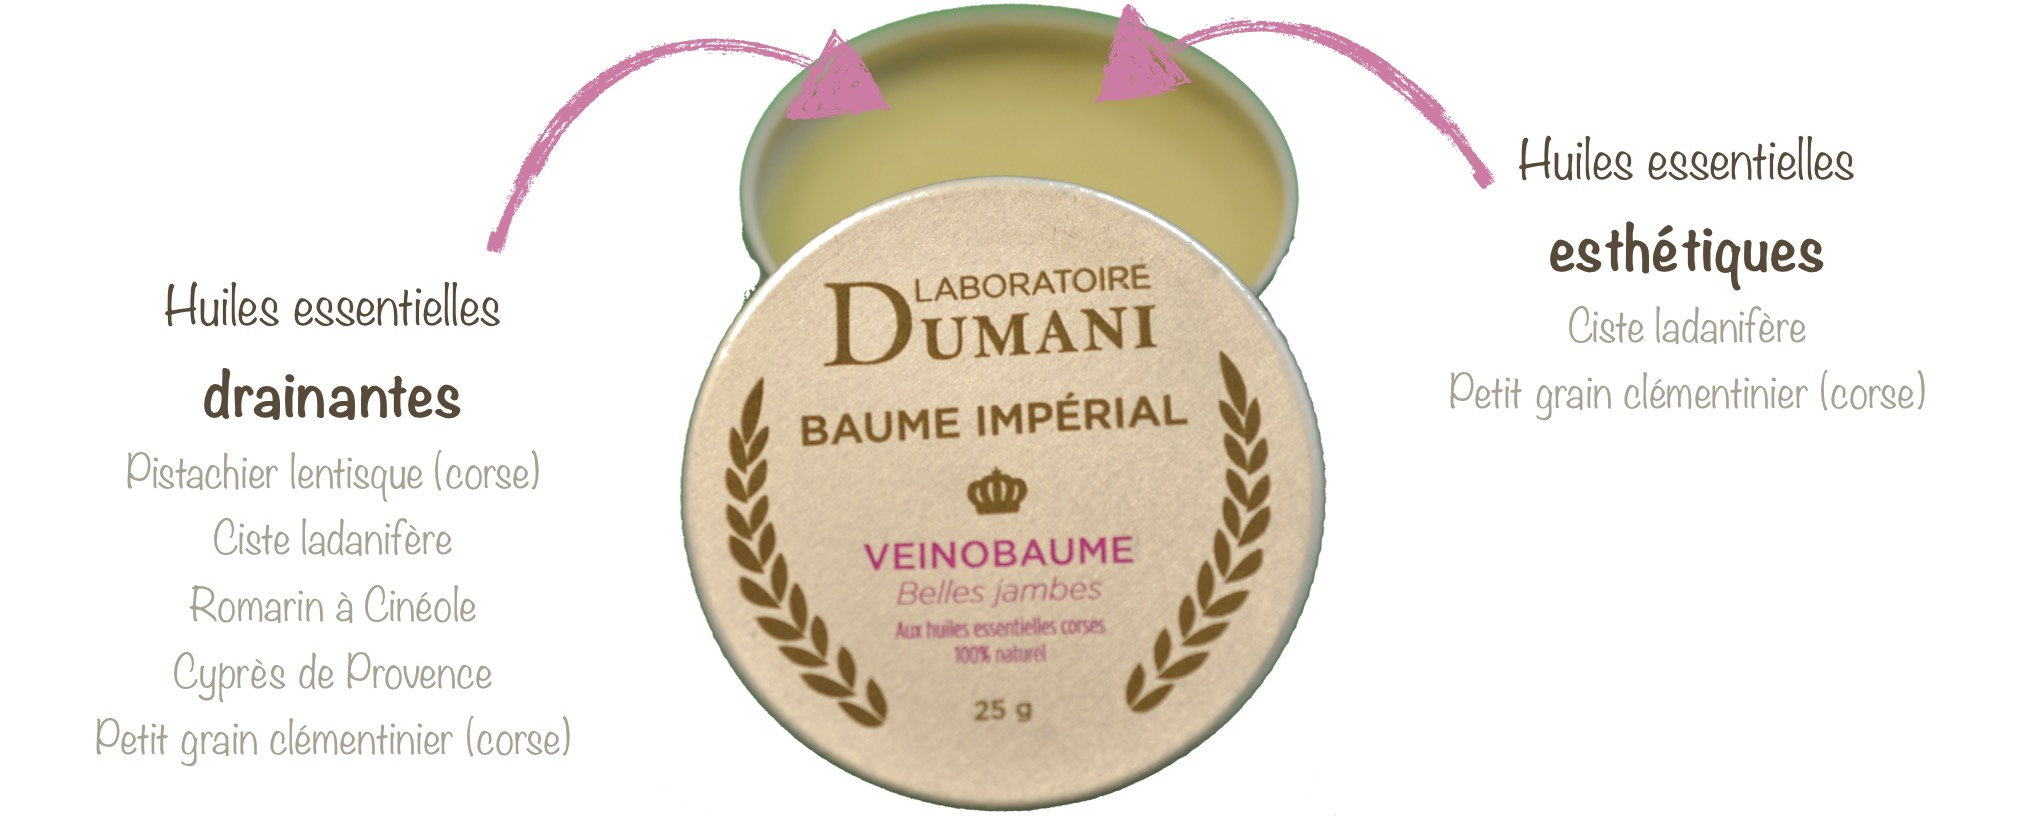 Les huiles essentielles du veinobaume.